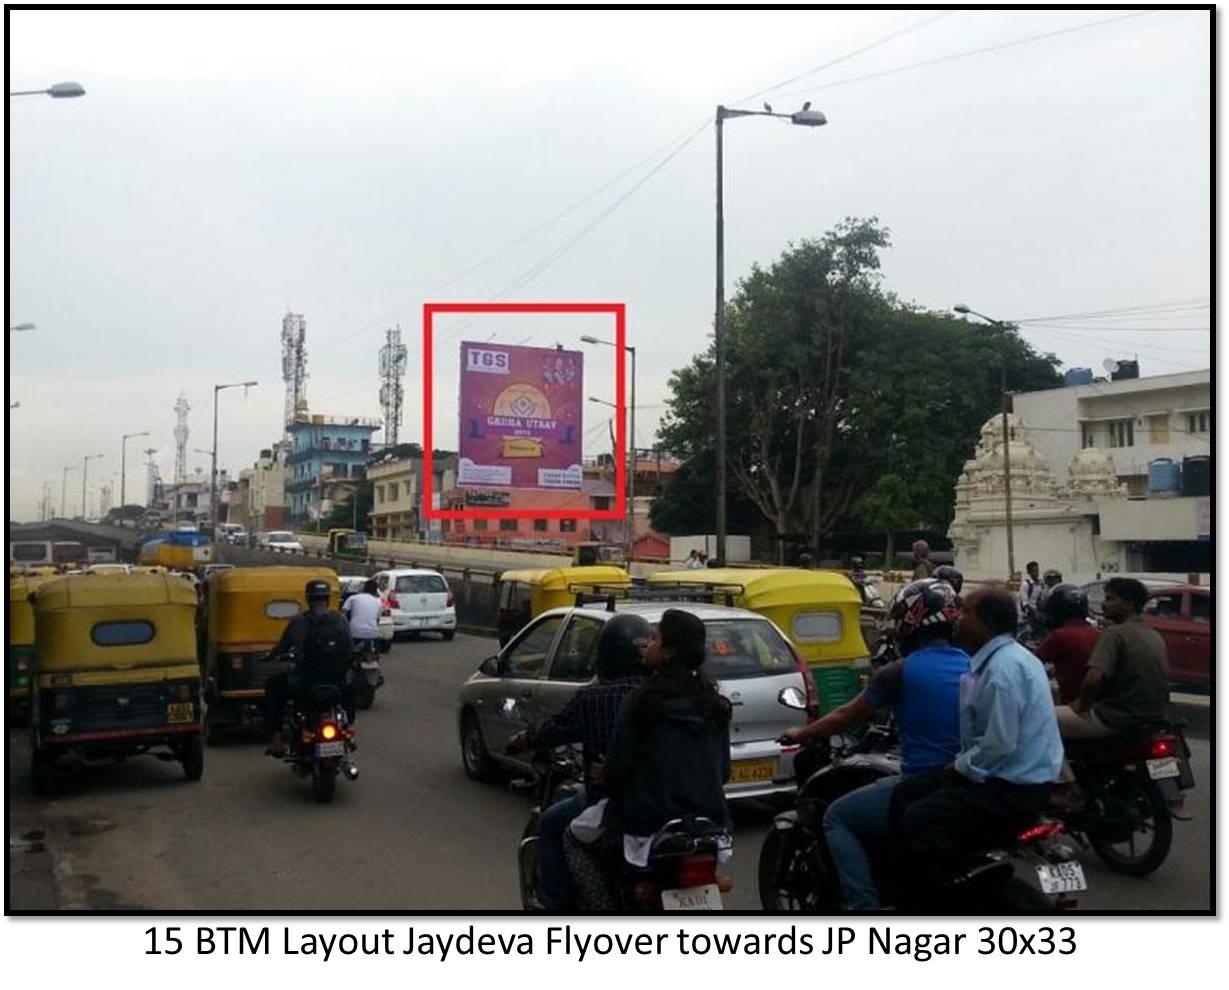 BTM Layout Jaydeva Flyover, Bengaluru